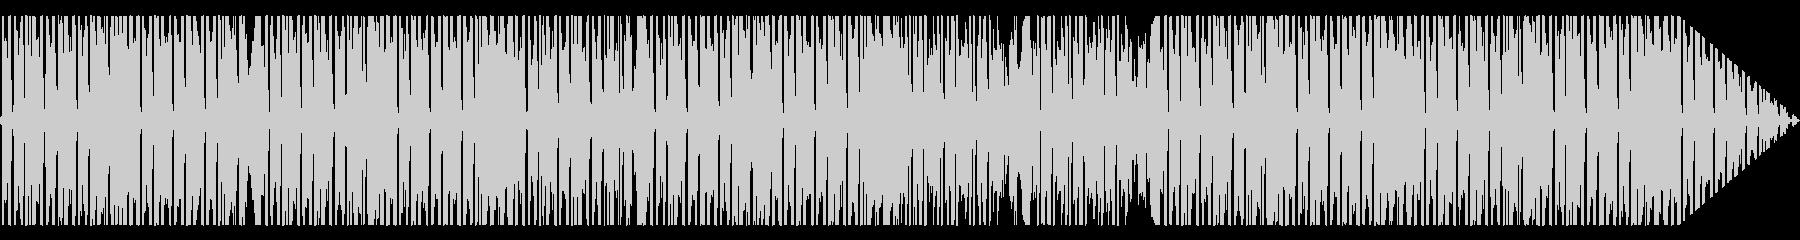 おしゃれで軽快なピアノ系|lofiビートの未再生の波形